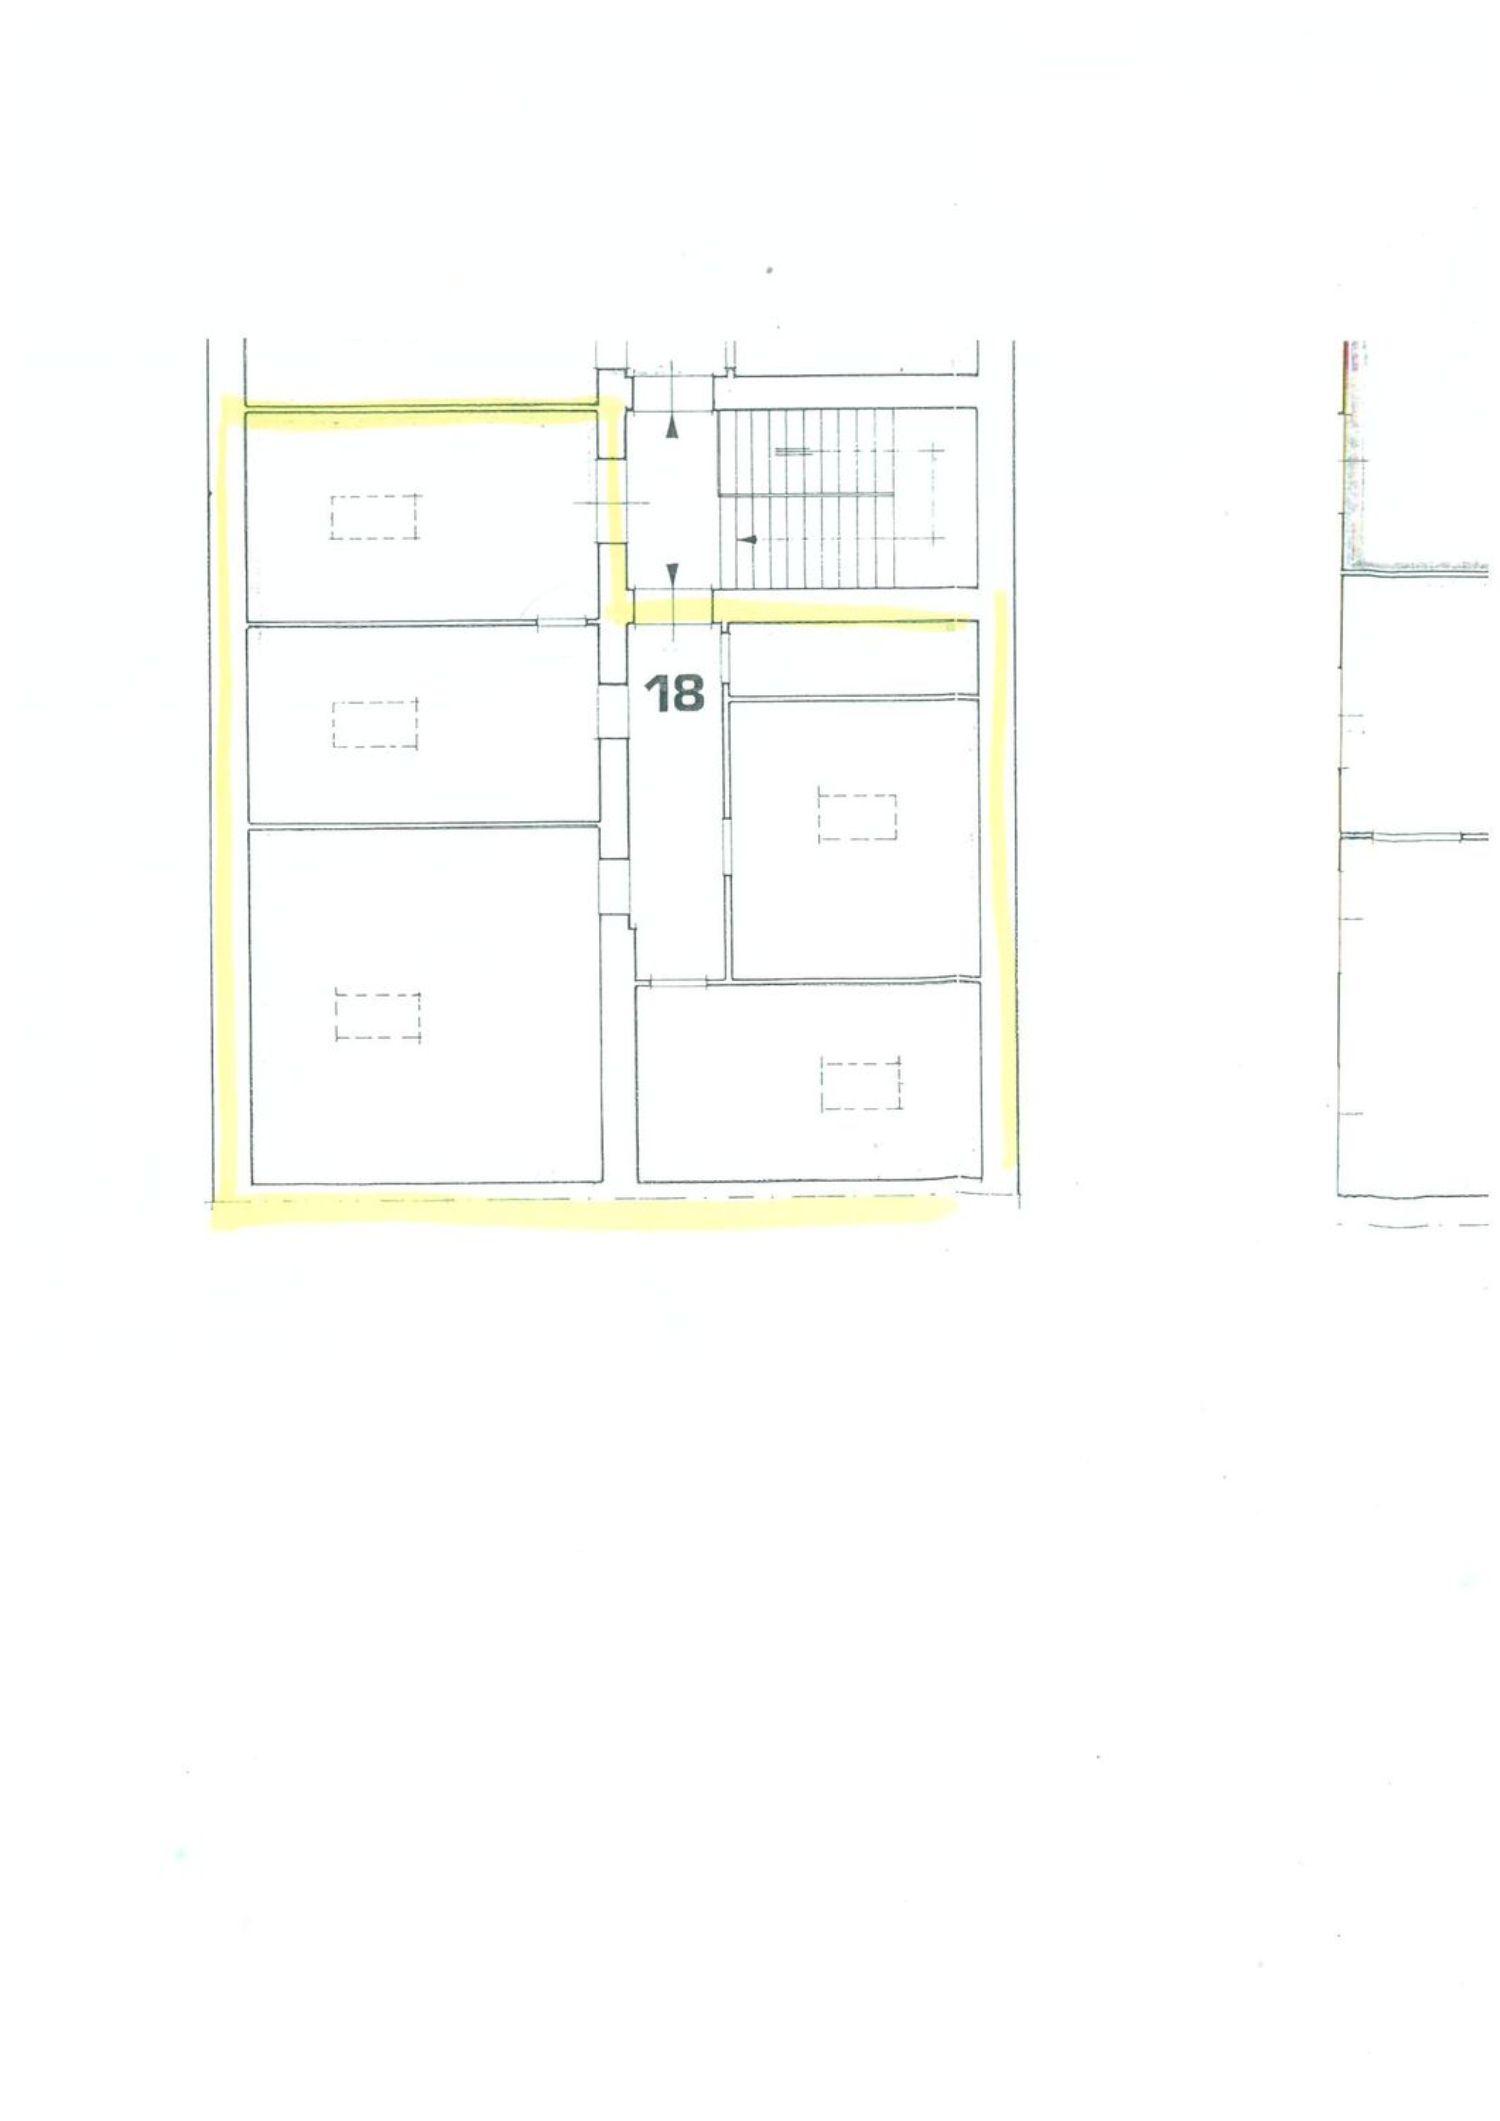 Appartamento in vendita a Trieste, 5 locali, prezzo € 61.300 | CambioCasa.it